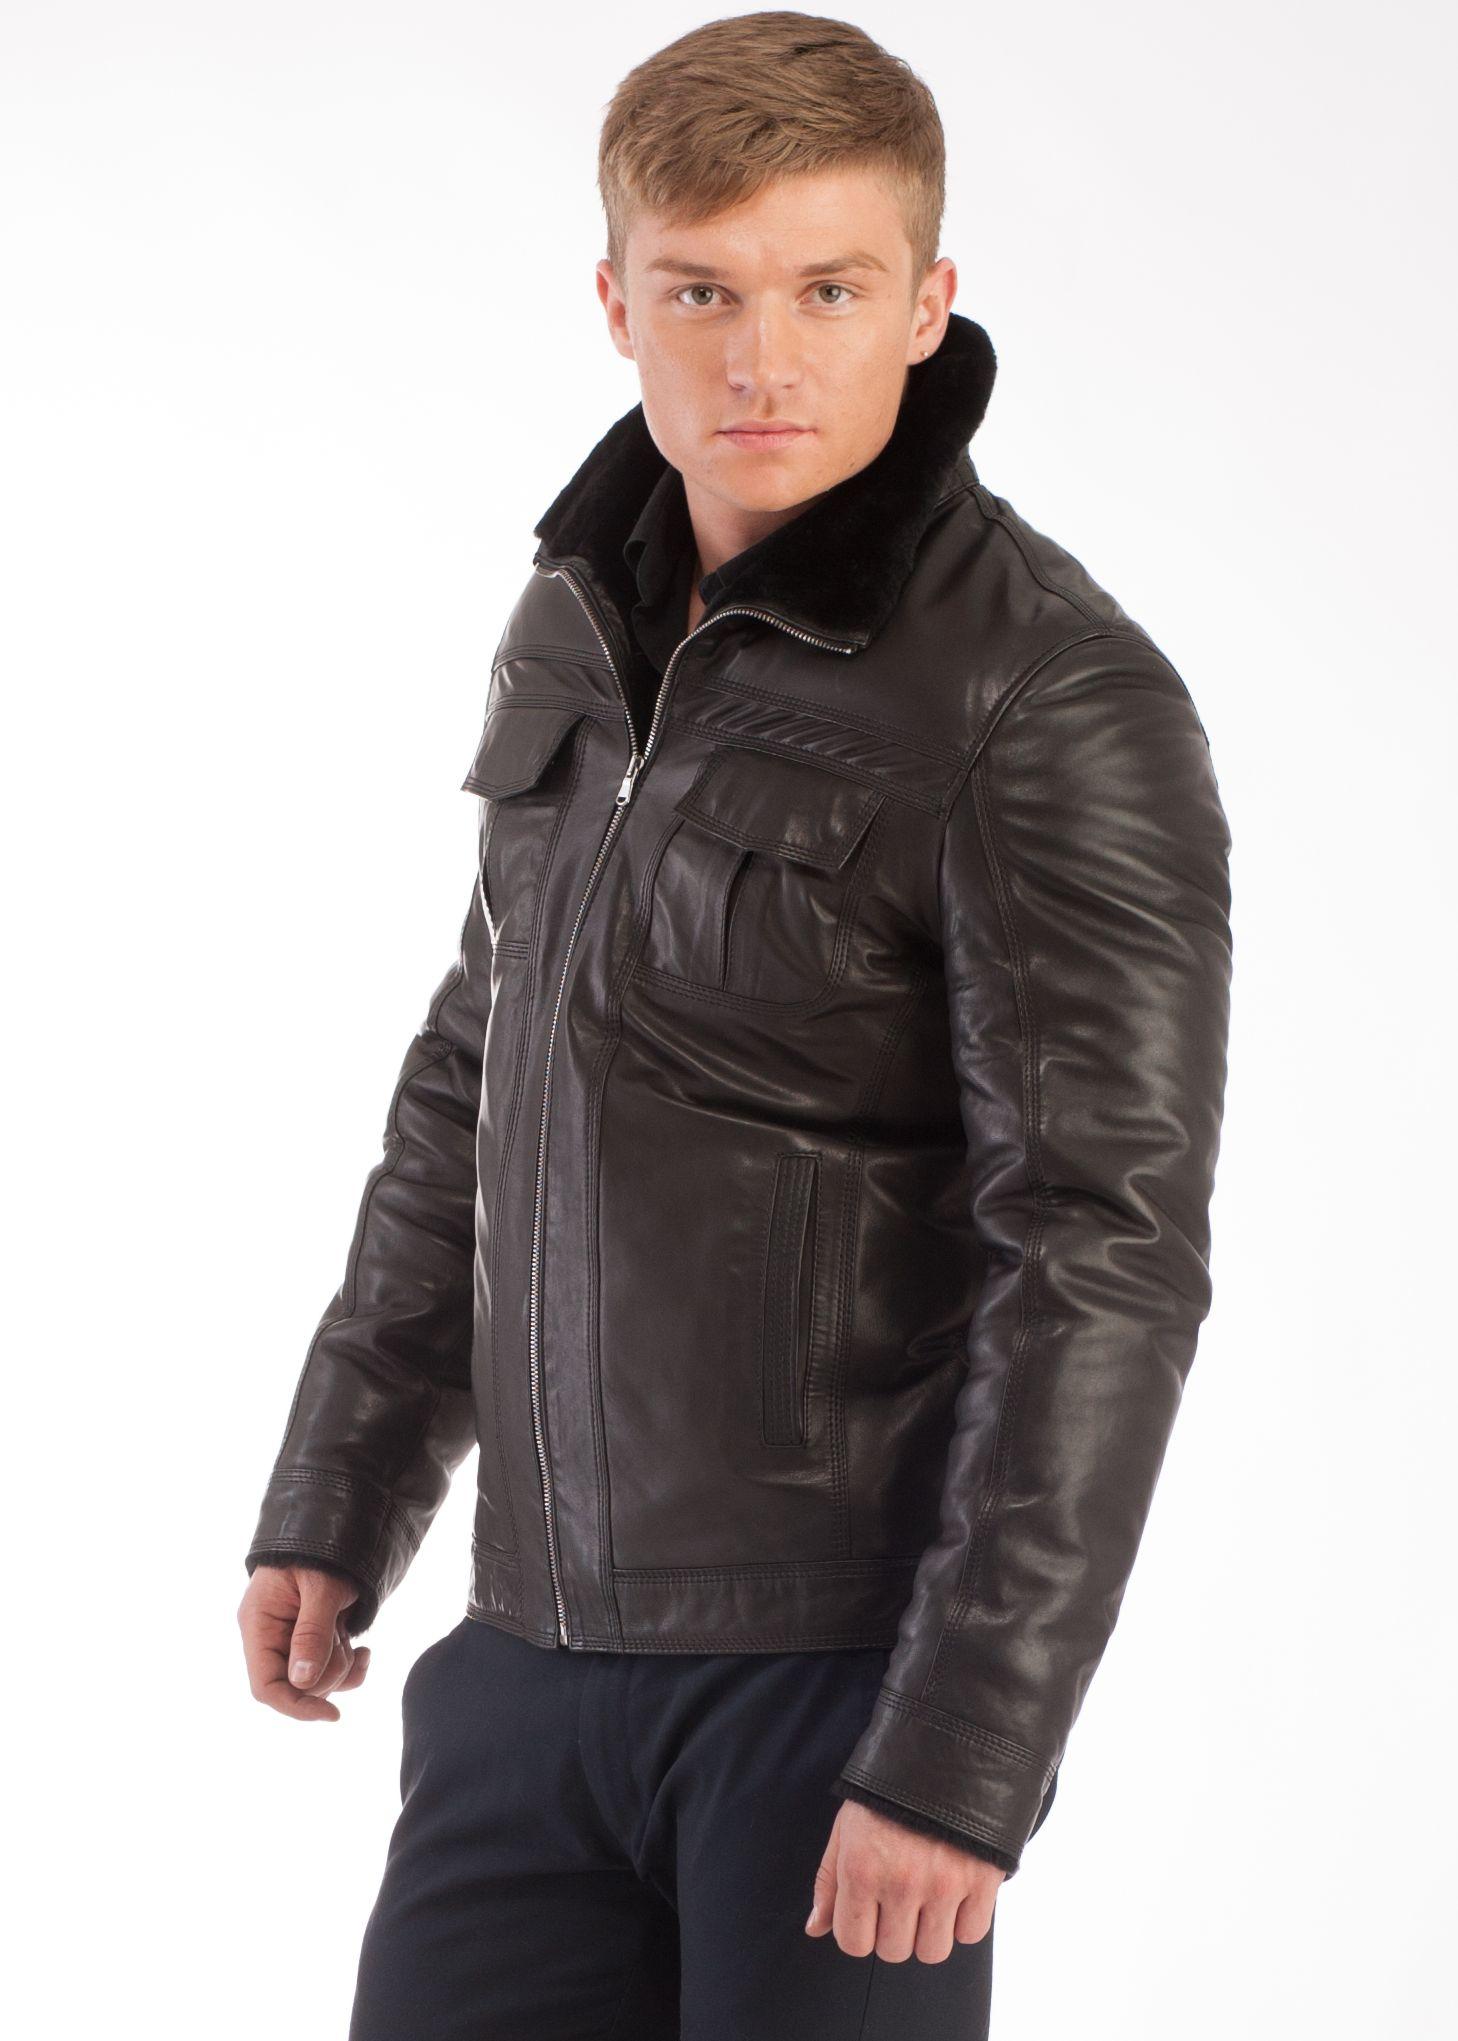 Купить Куртку Зимнюю Мужскую Кожаную В Интернет Магазине